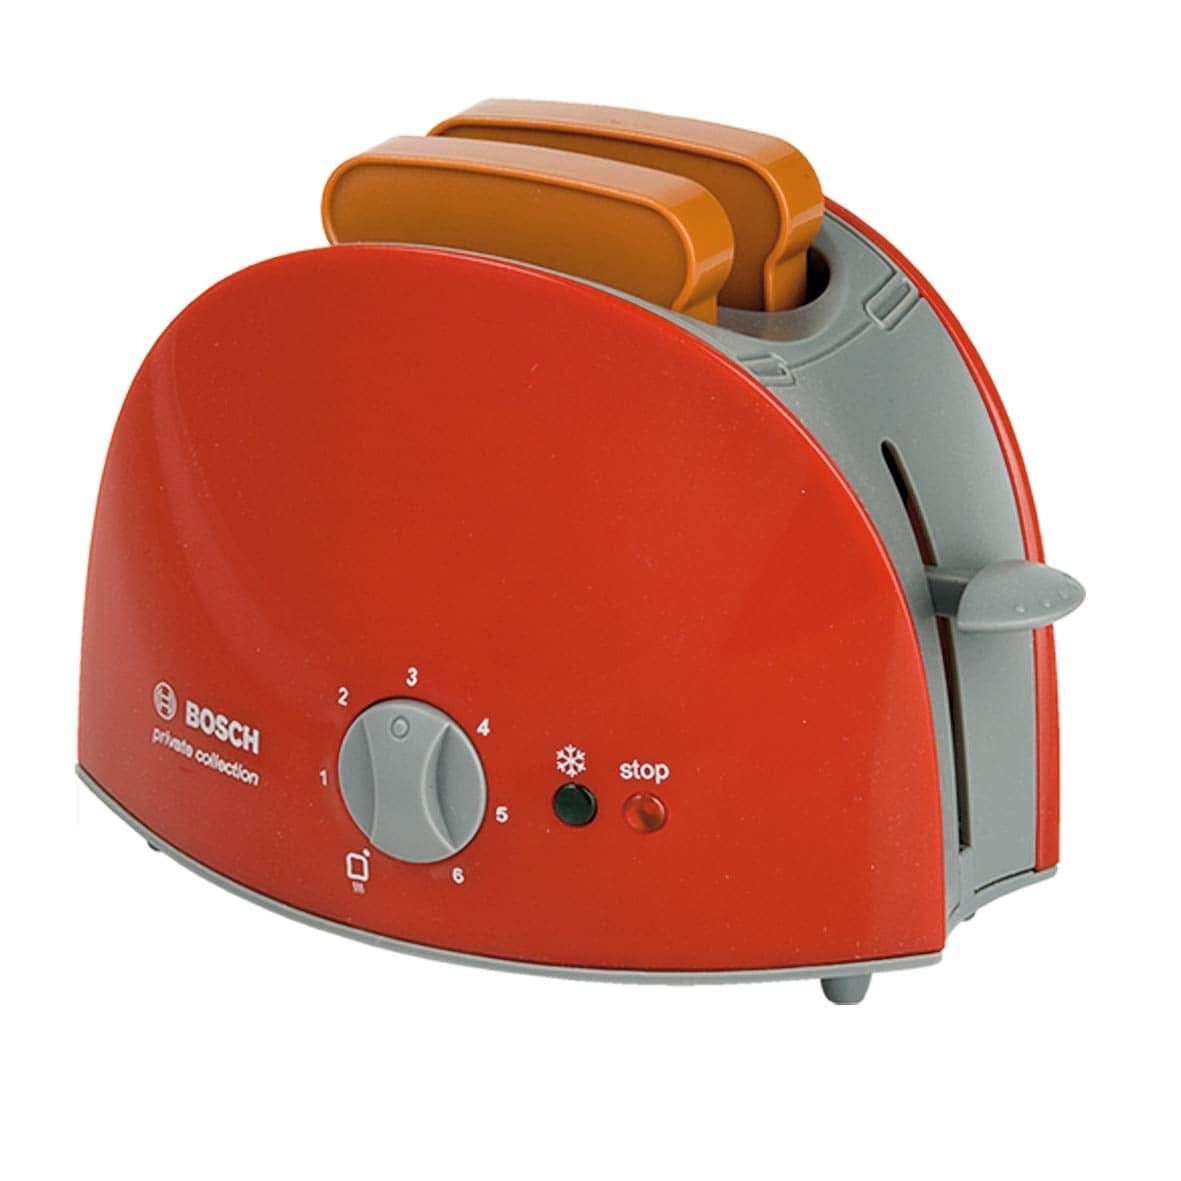 bosch toaster f r kinder g nstig online kaufen. Black Bedroom Furniture Sets. Home Design Ideas